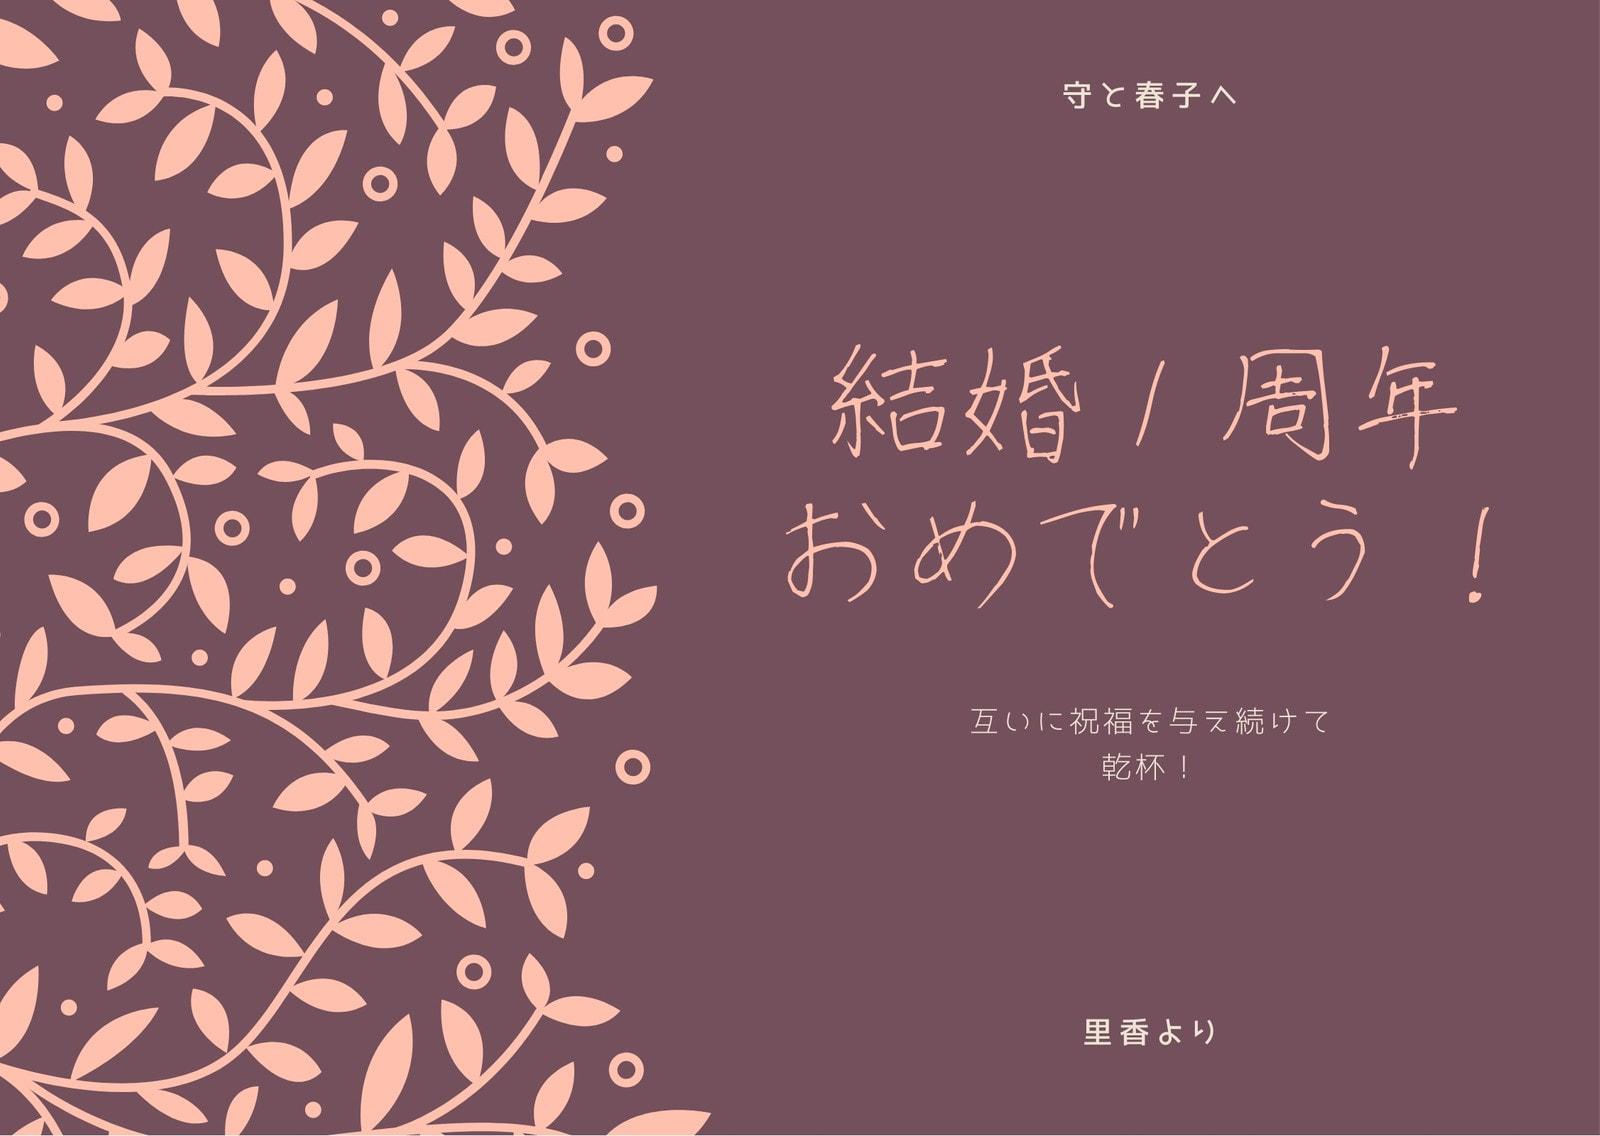 モグラ色、葉、記念日のカード